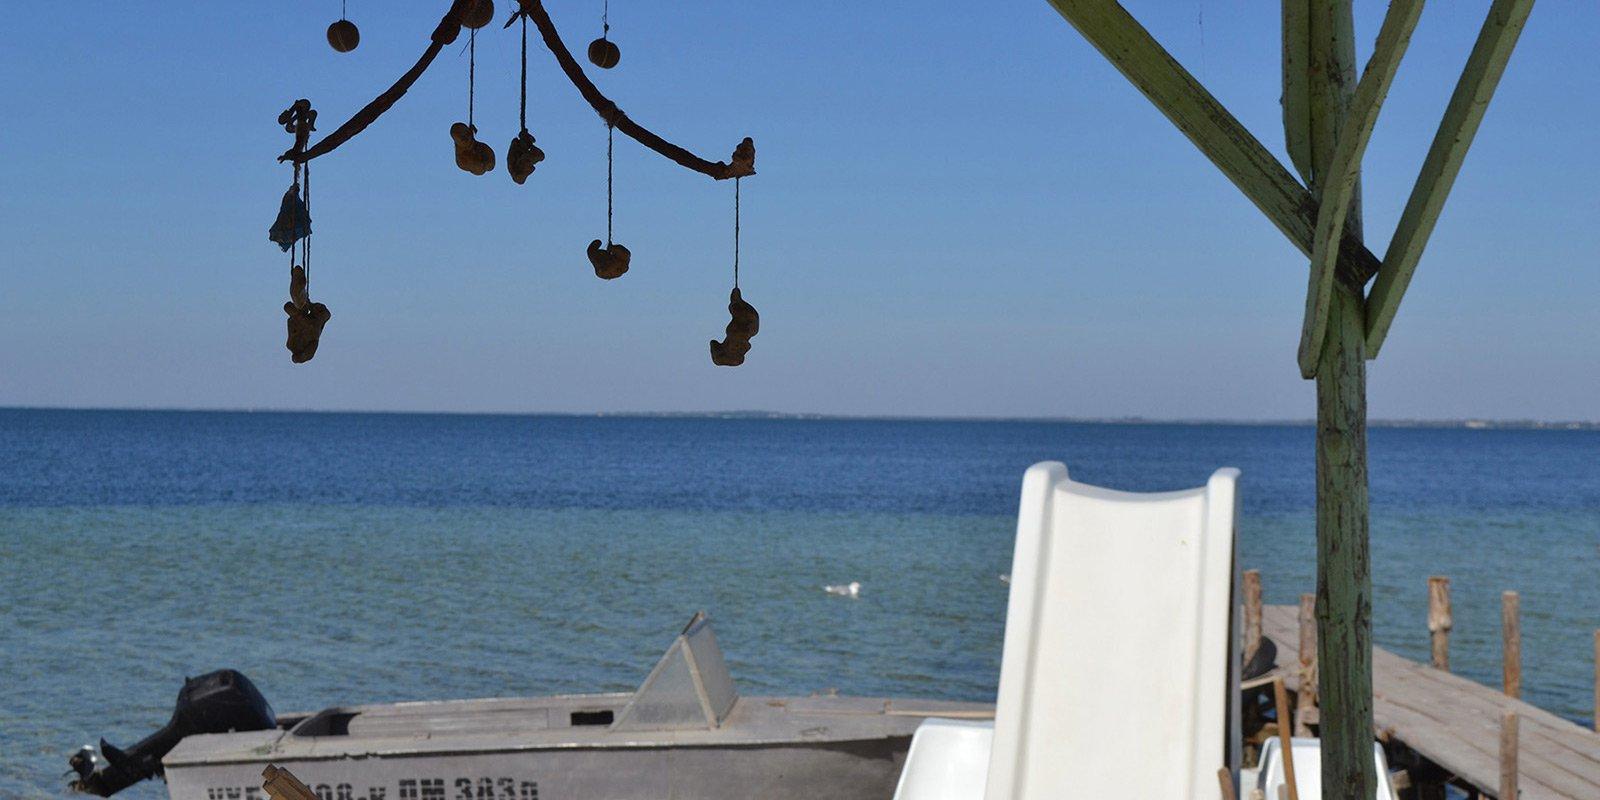 Південний берег влітку перетворюється в курортну зону, бази відпочинку на Джарилгач представлені літным поселенням «Очеретяне містечко».